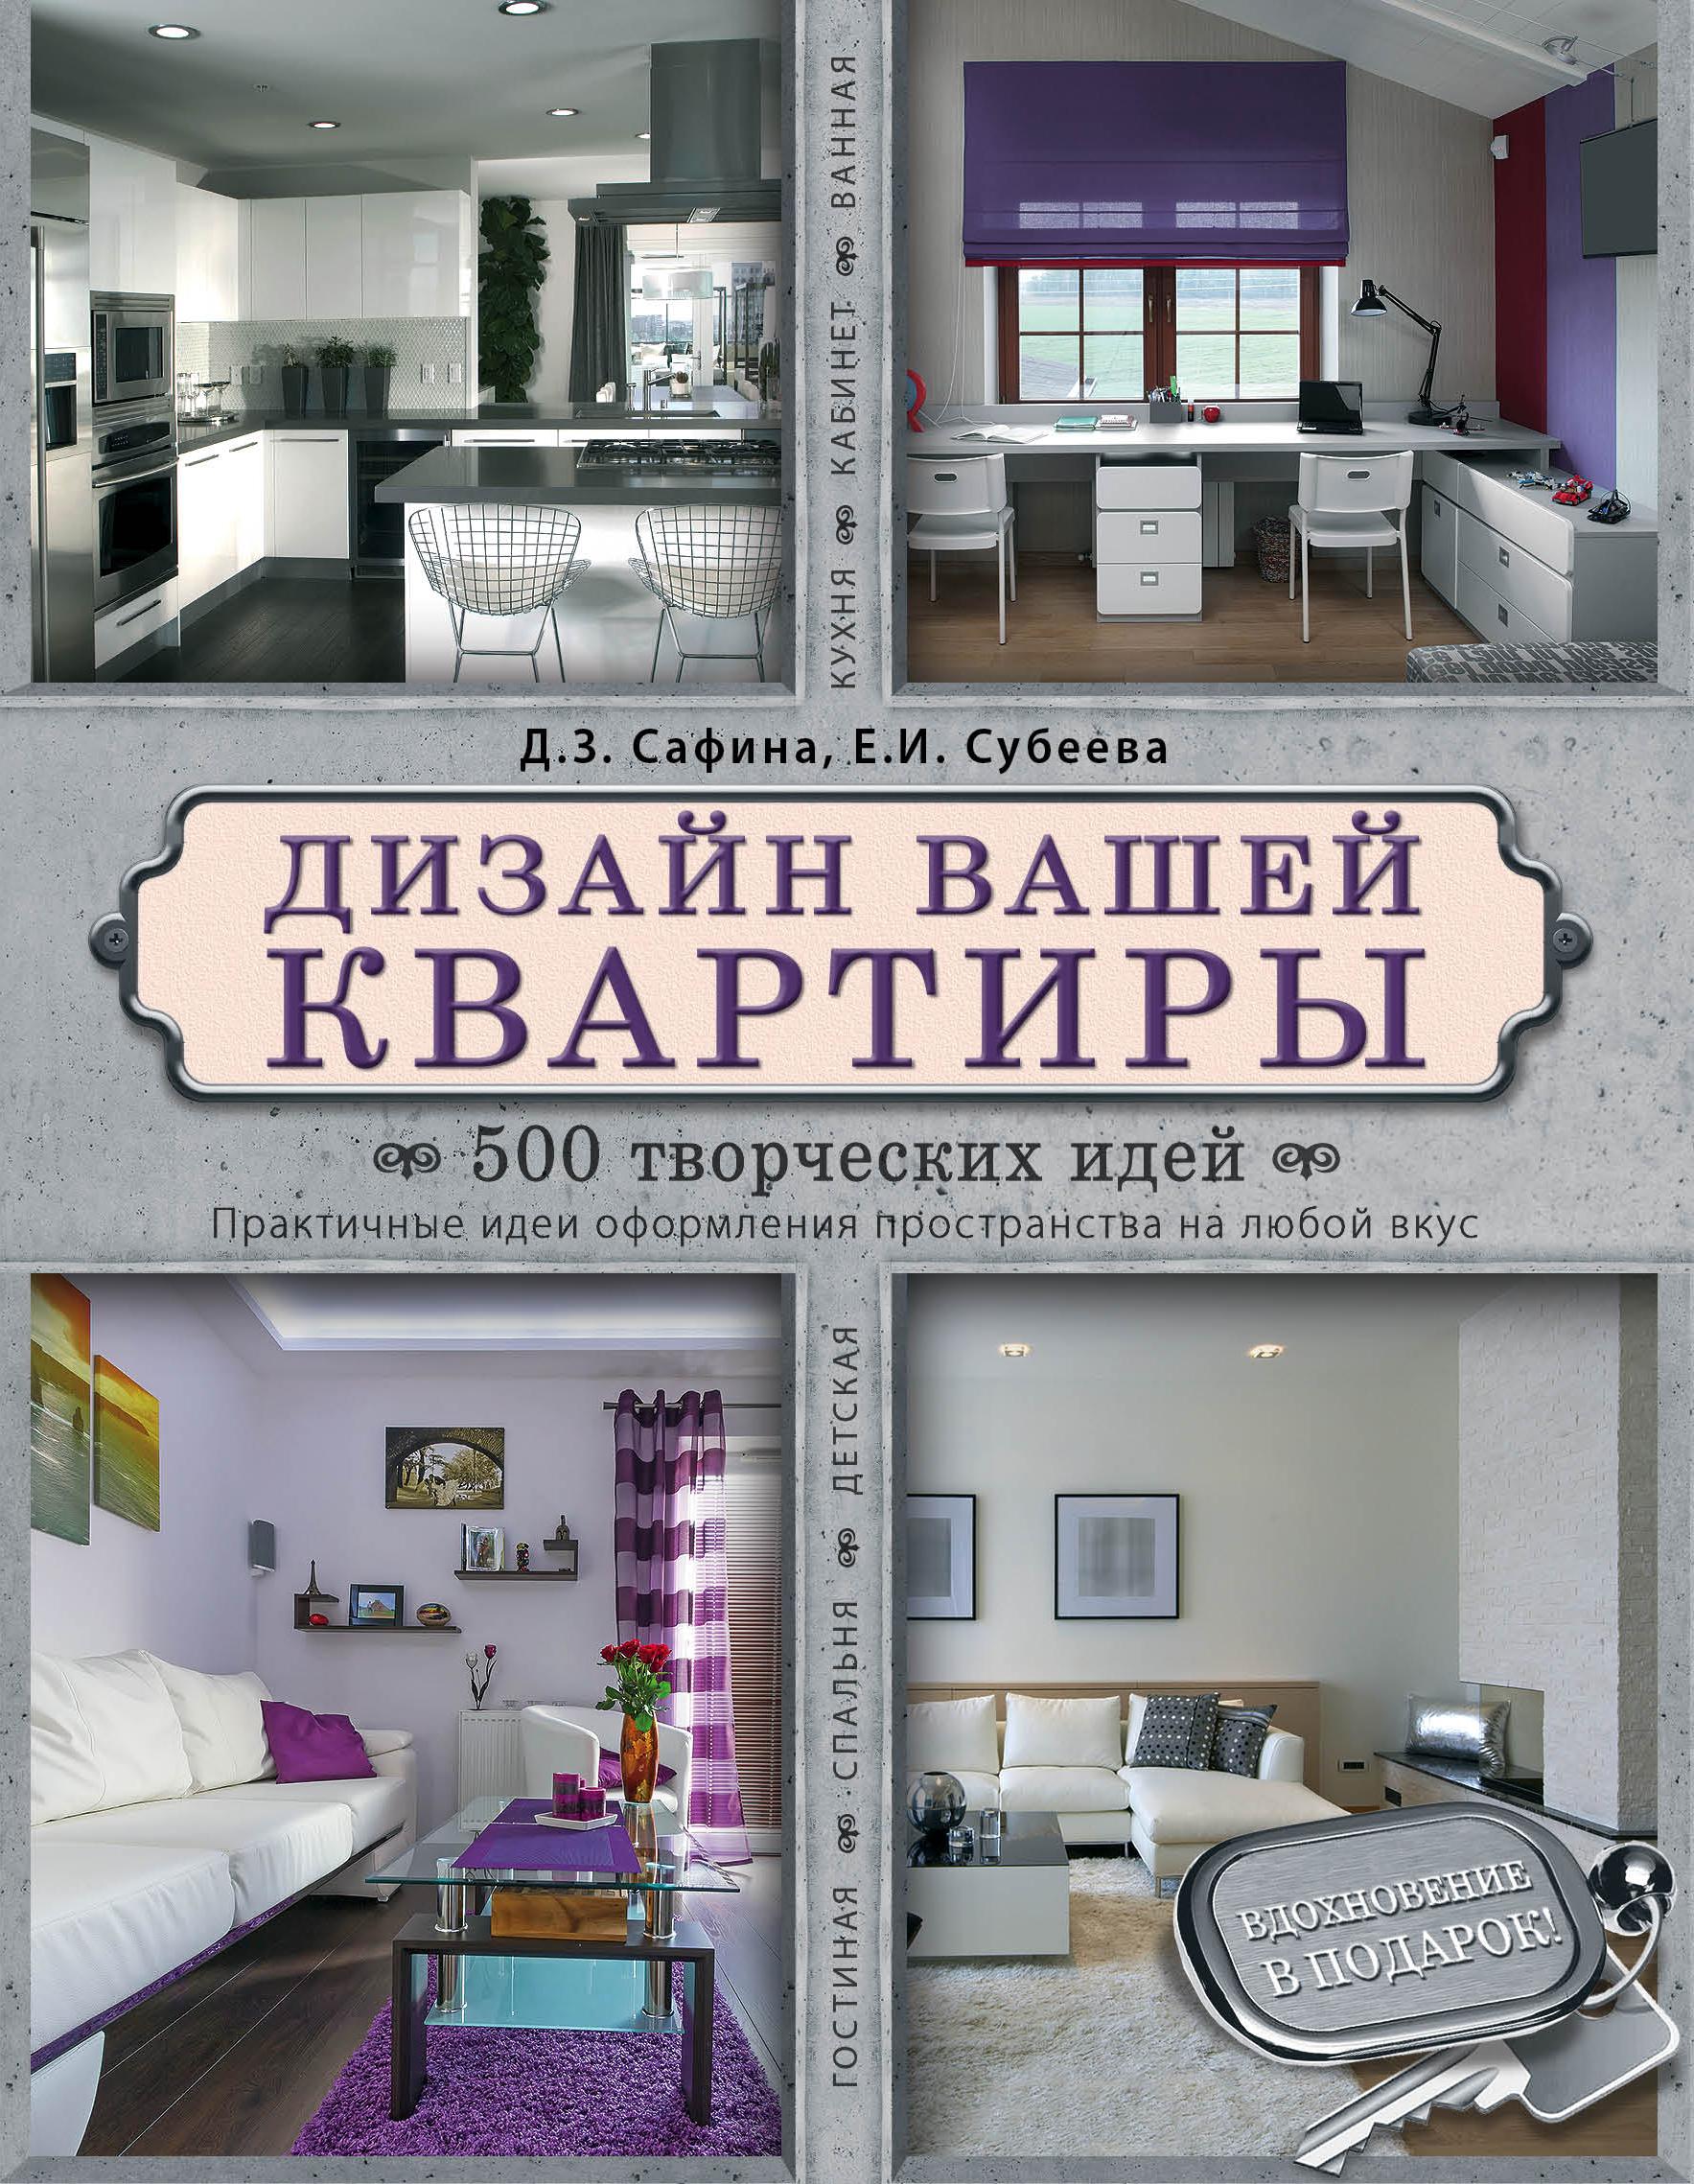 Сафина Д.З., Субееа Е.И. Дизайн ашей картиры. 500 торческих идей